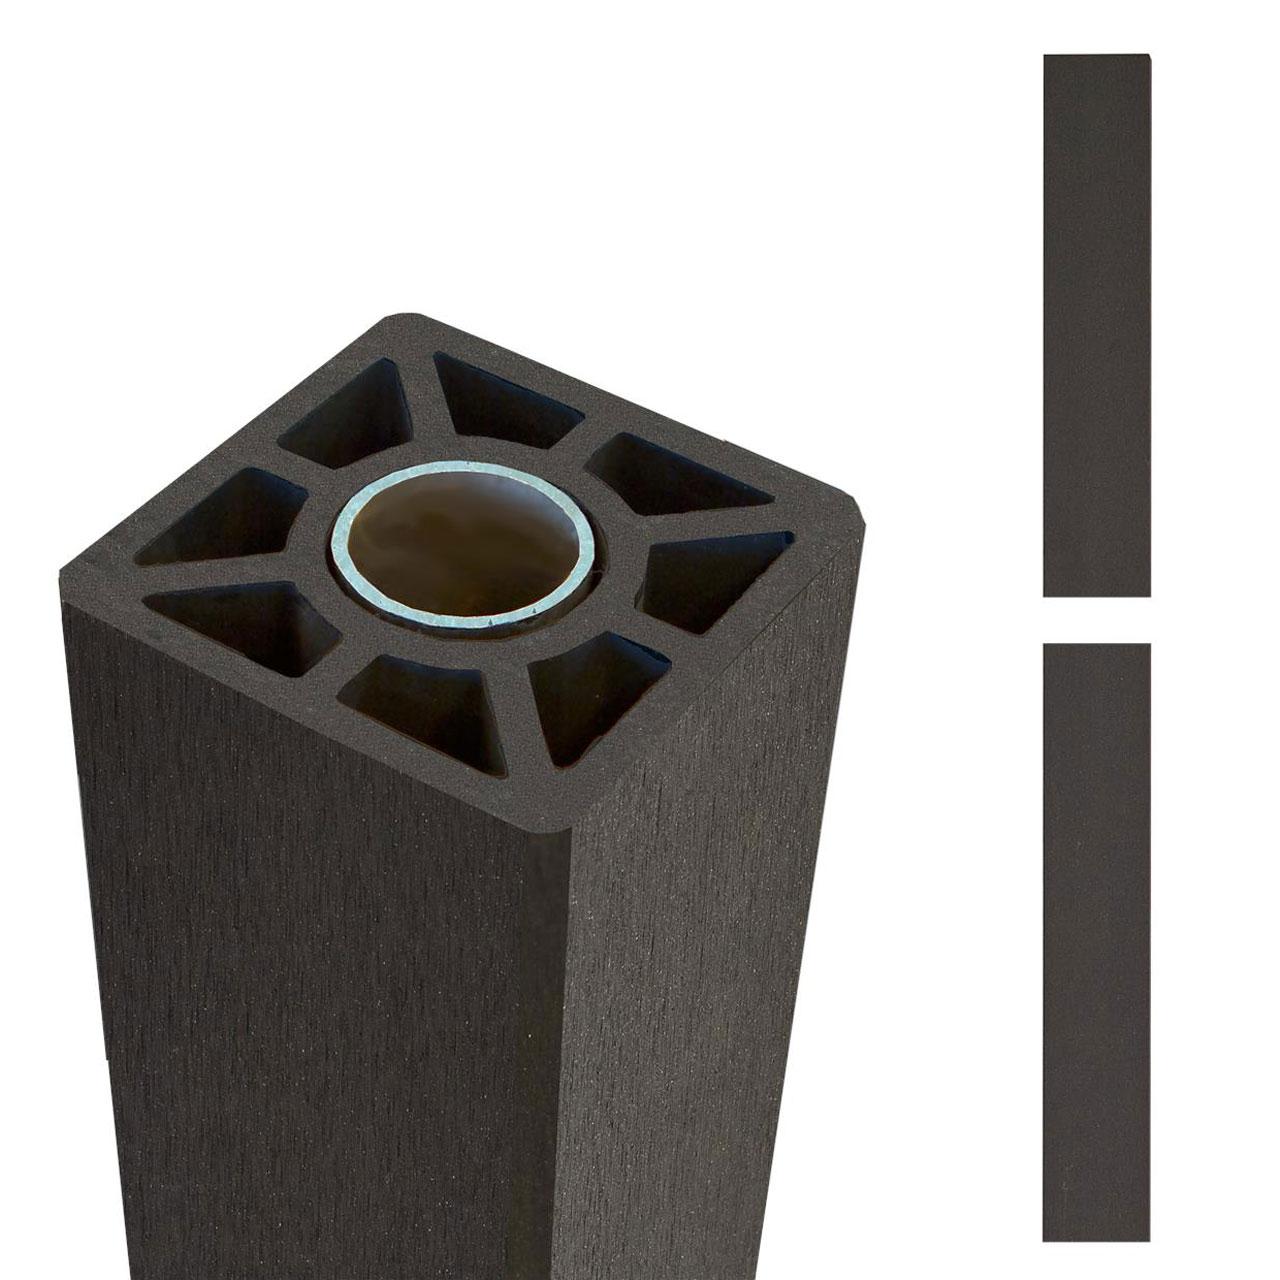 wpc pfosten stahlkern 9x9cm schiefergrau sichtschutz. Black Bedroom Furniture Sets. Home Design Ideas